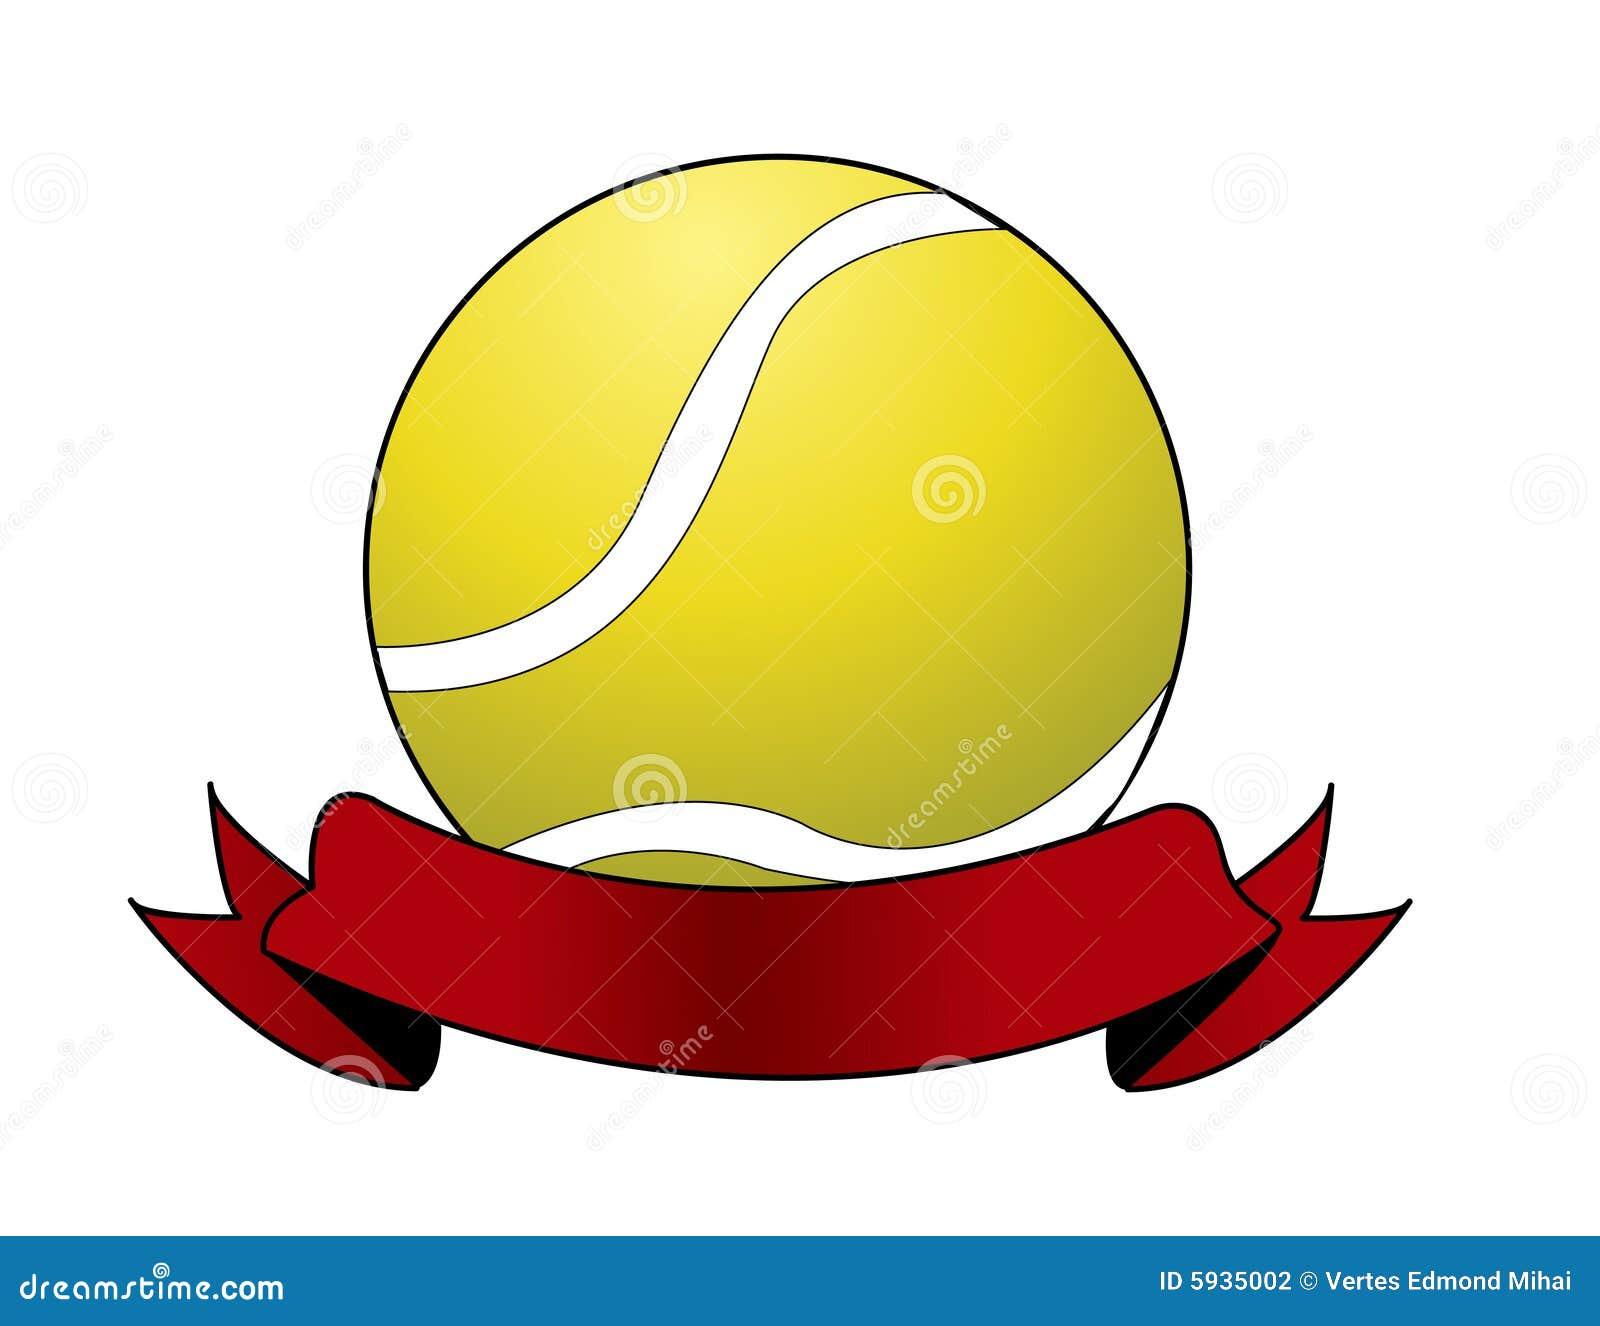 球体育运动帆船西洋网球分解组装图图片